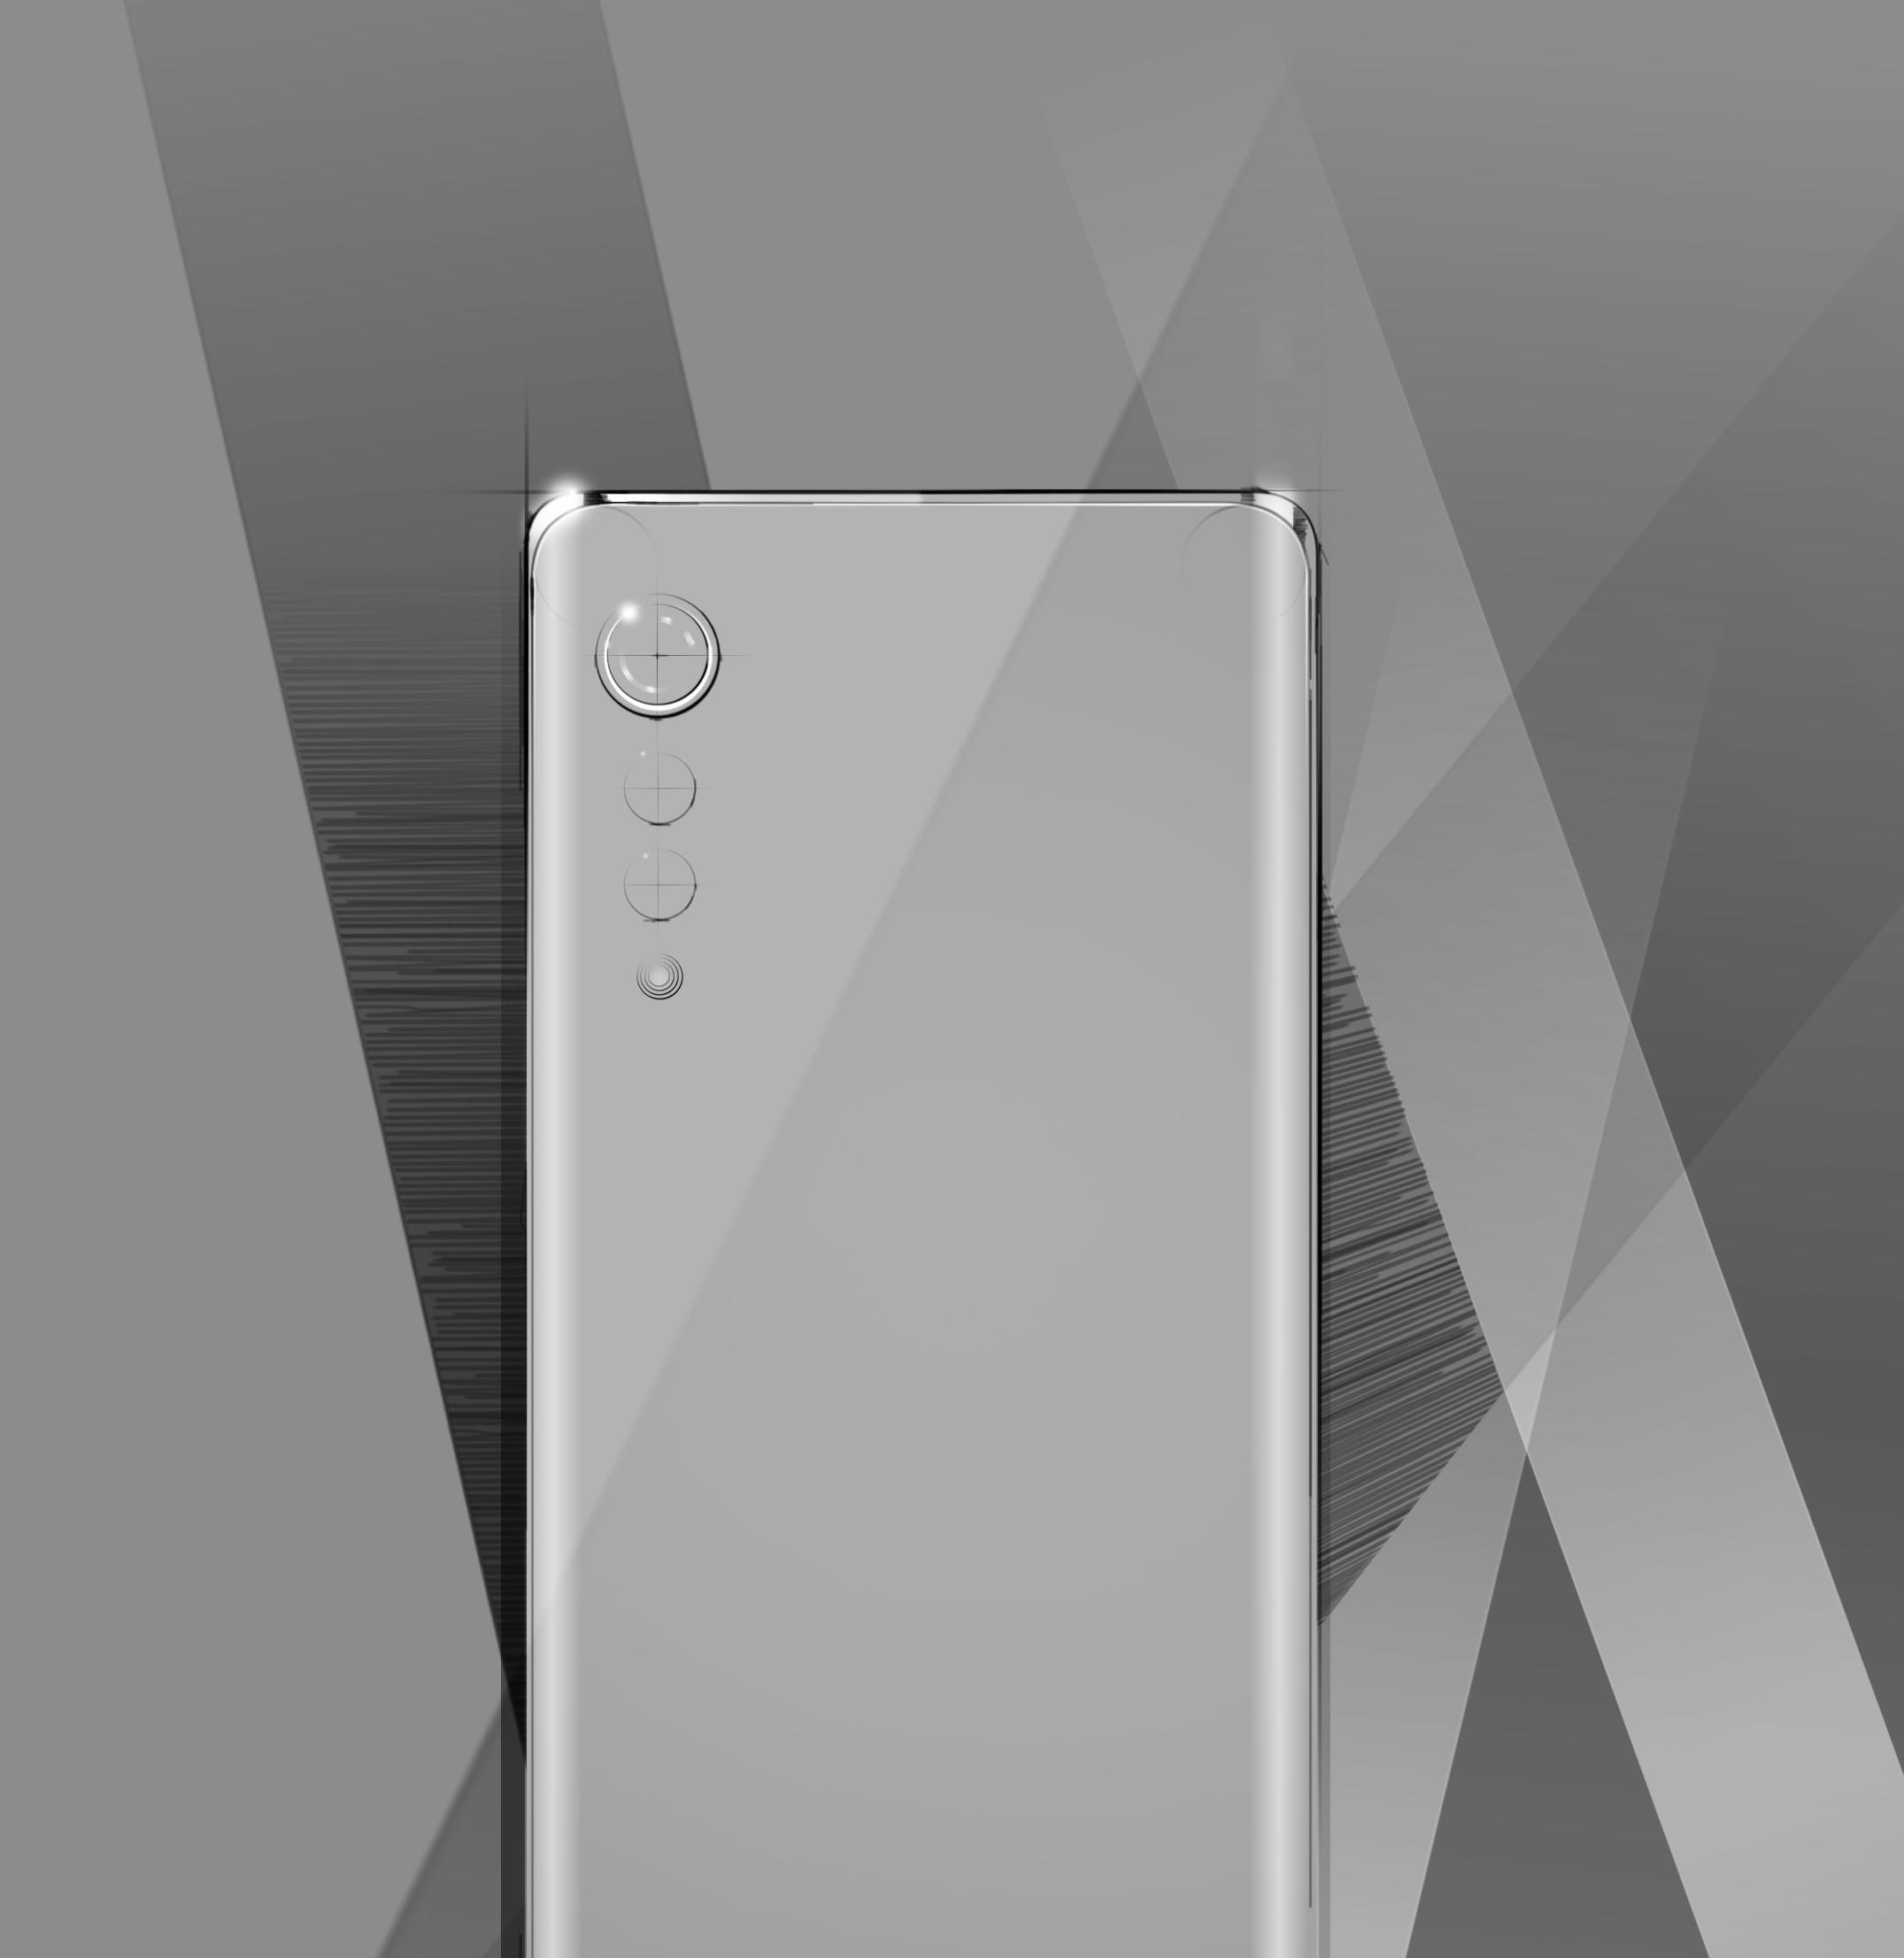 LG ontwerp smartphone toekomst